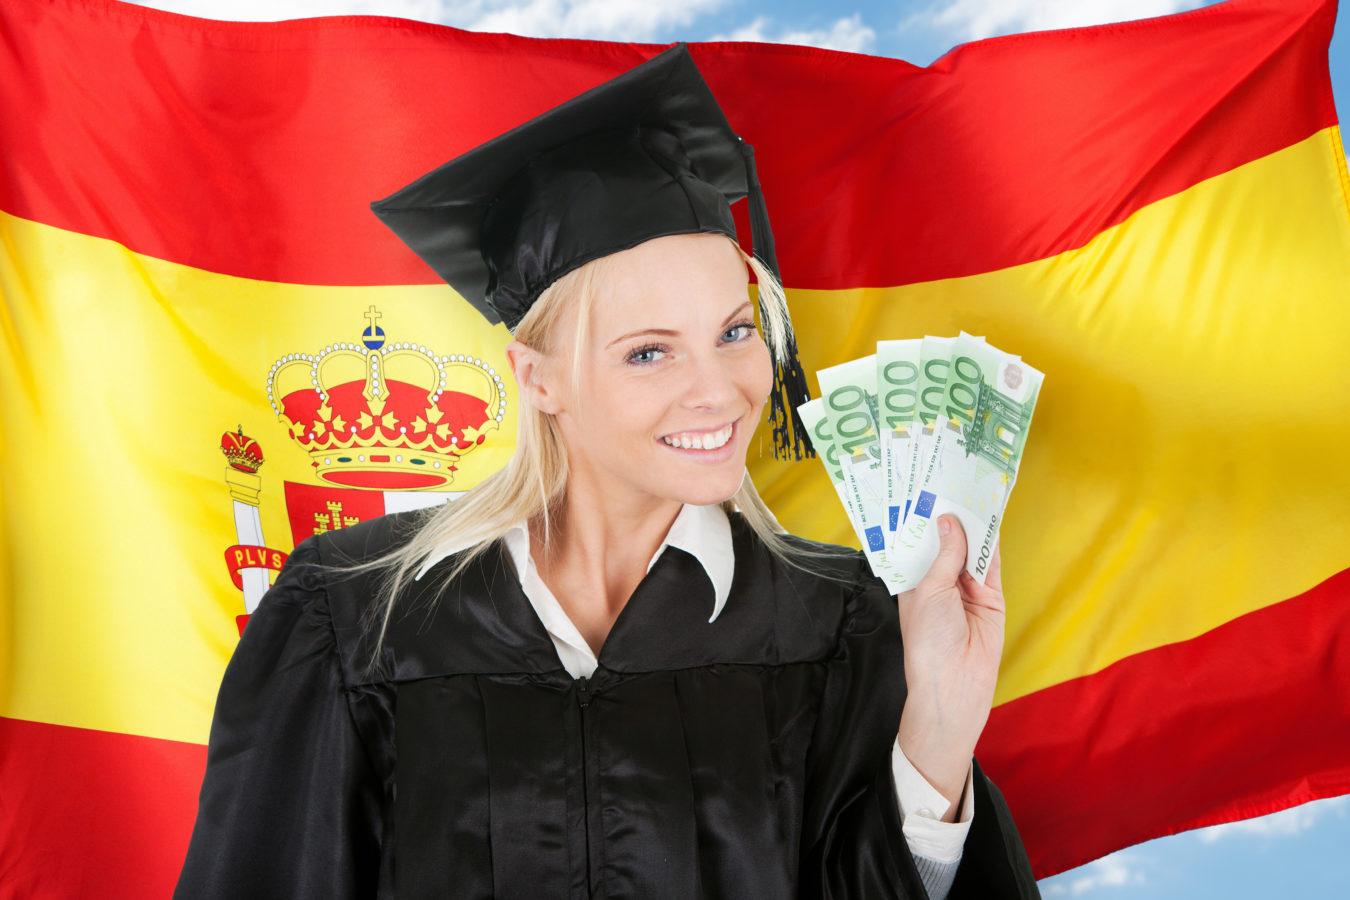 Les salaires des diplômés MBA parmi les plus élevés d'Europe Occidentale